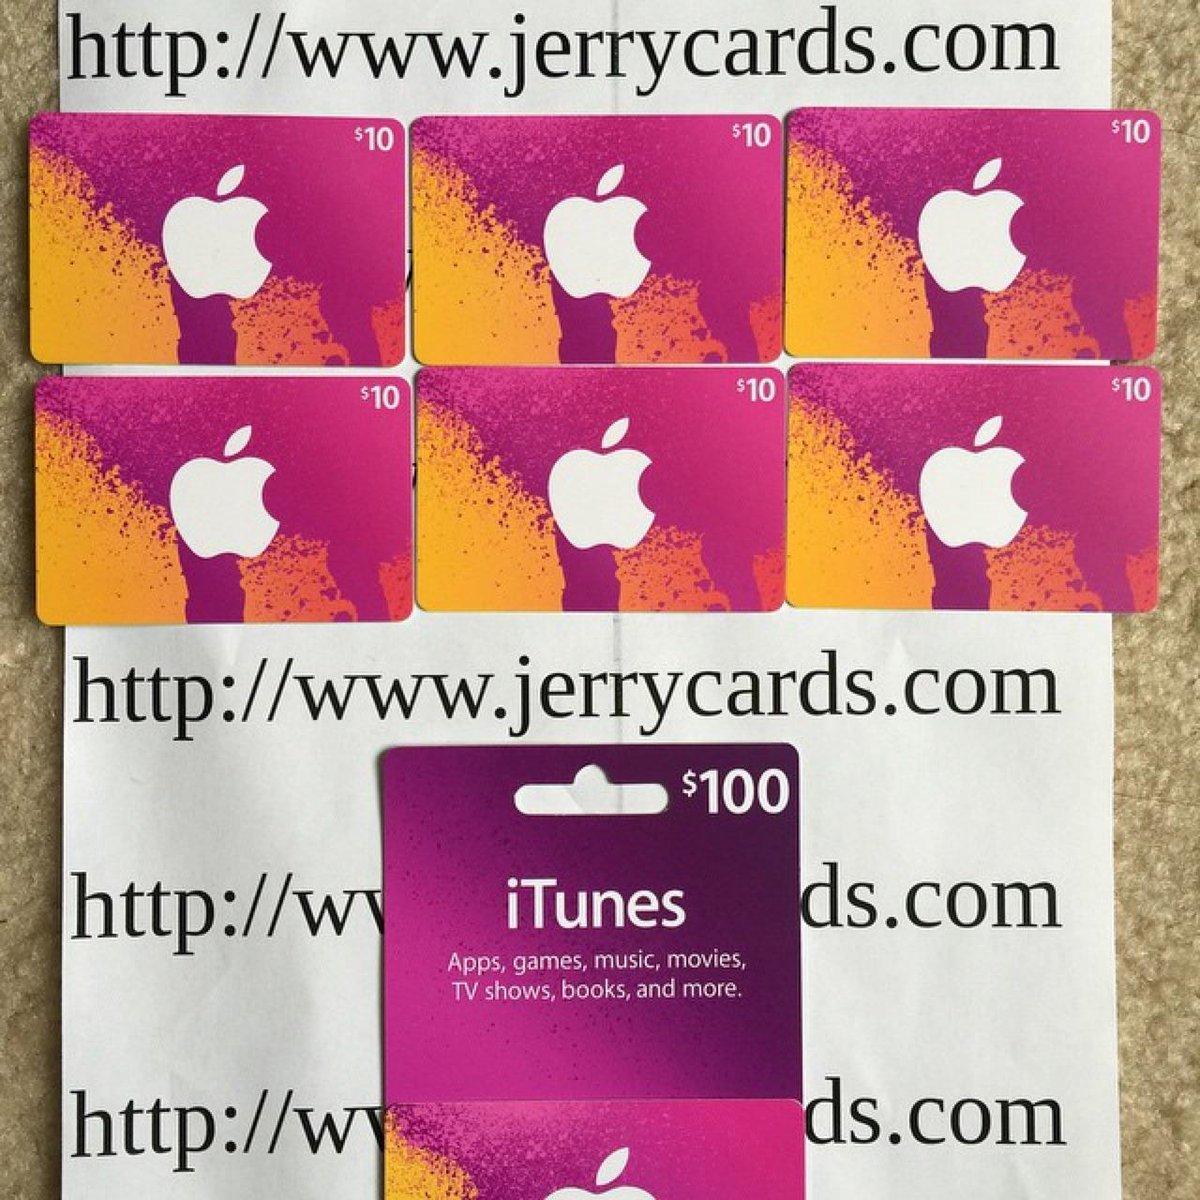 بالتعاون مع @JerryCardsUSA بطاقات الآيتونز في الصورة هدية لكم! ريتويت ومتابعة لجيري للفوز  http://t.co/SoZtLgu5Nt http://t.co/n8ubXUEWj5